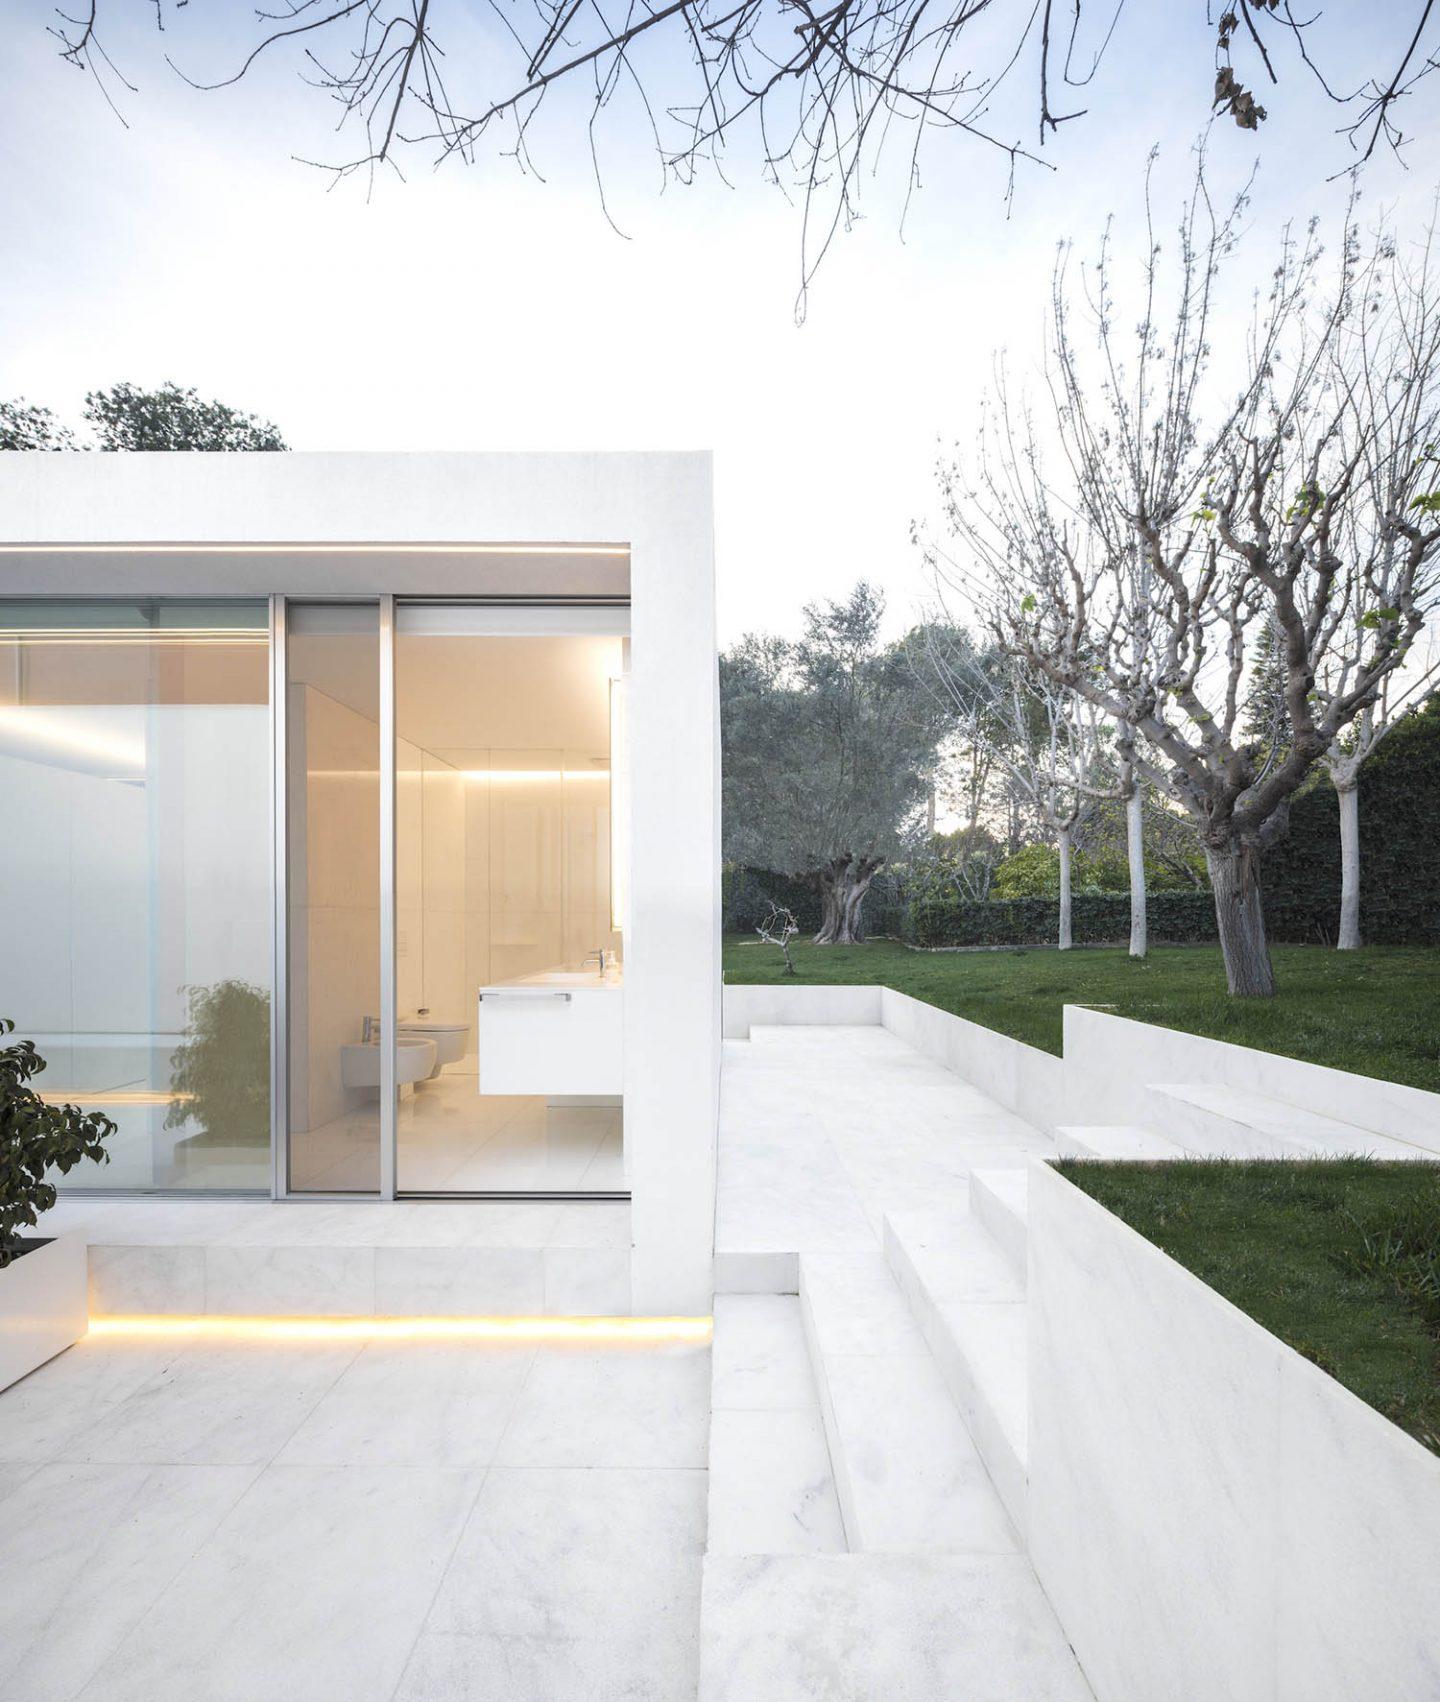 iGNANT_Architecture_Fran_Silvestre_Arquitectos_Guest_Pavilion_Valencia_11